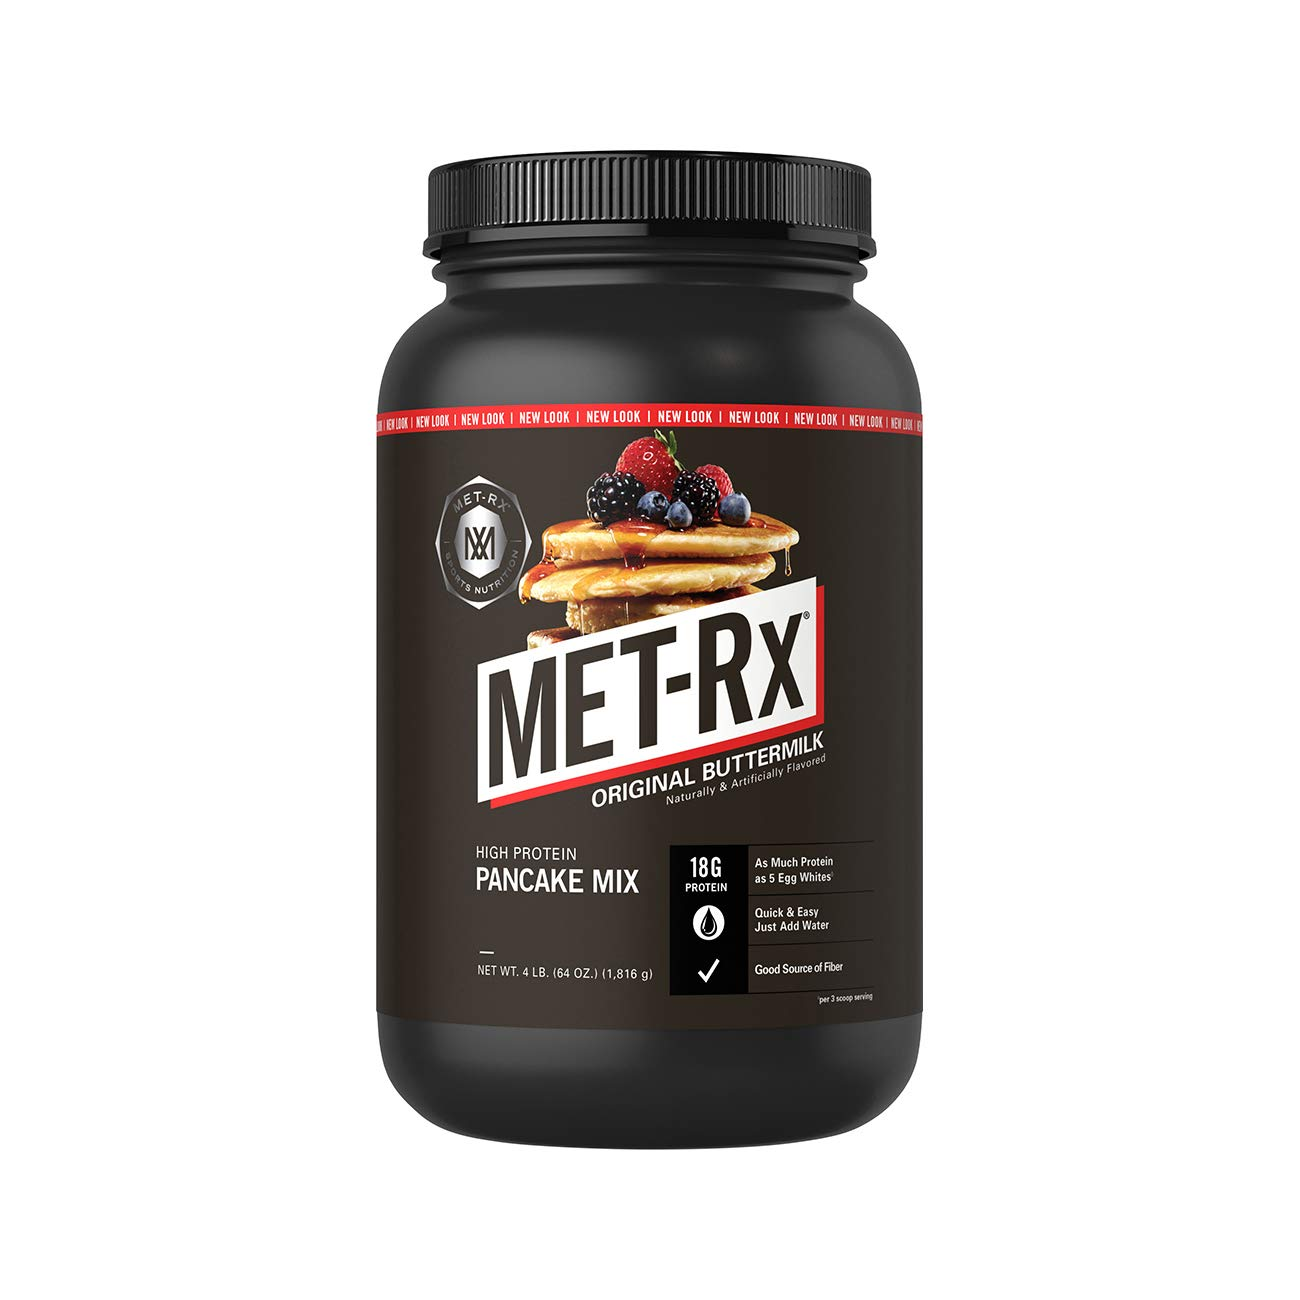 MET-Rx High Protein Pancake Mix, Original Buttermilk, 4 pound